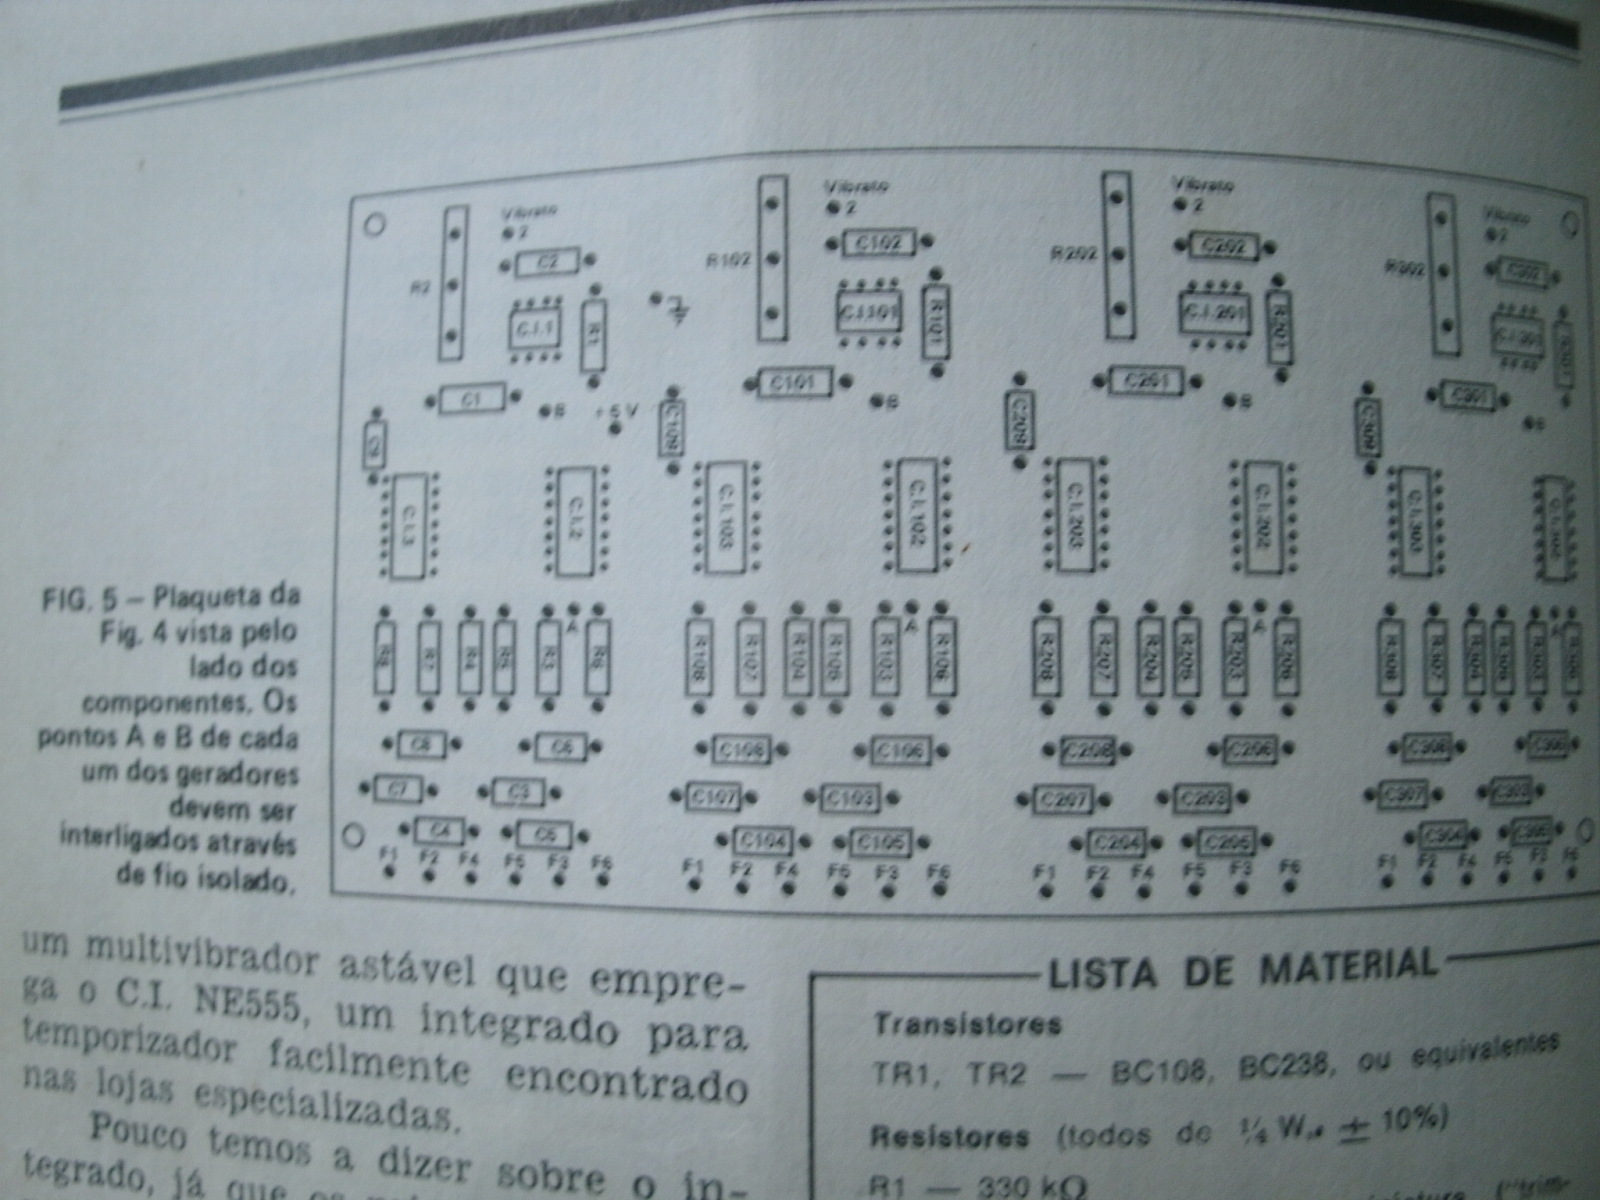 órgao eletronico com M208B1 - Página 2 1ekh9d